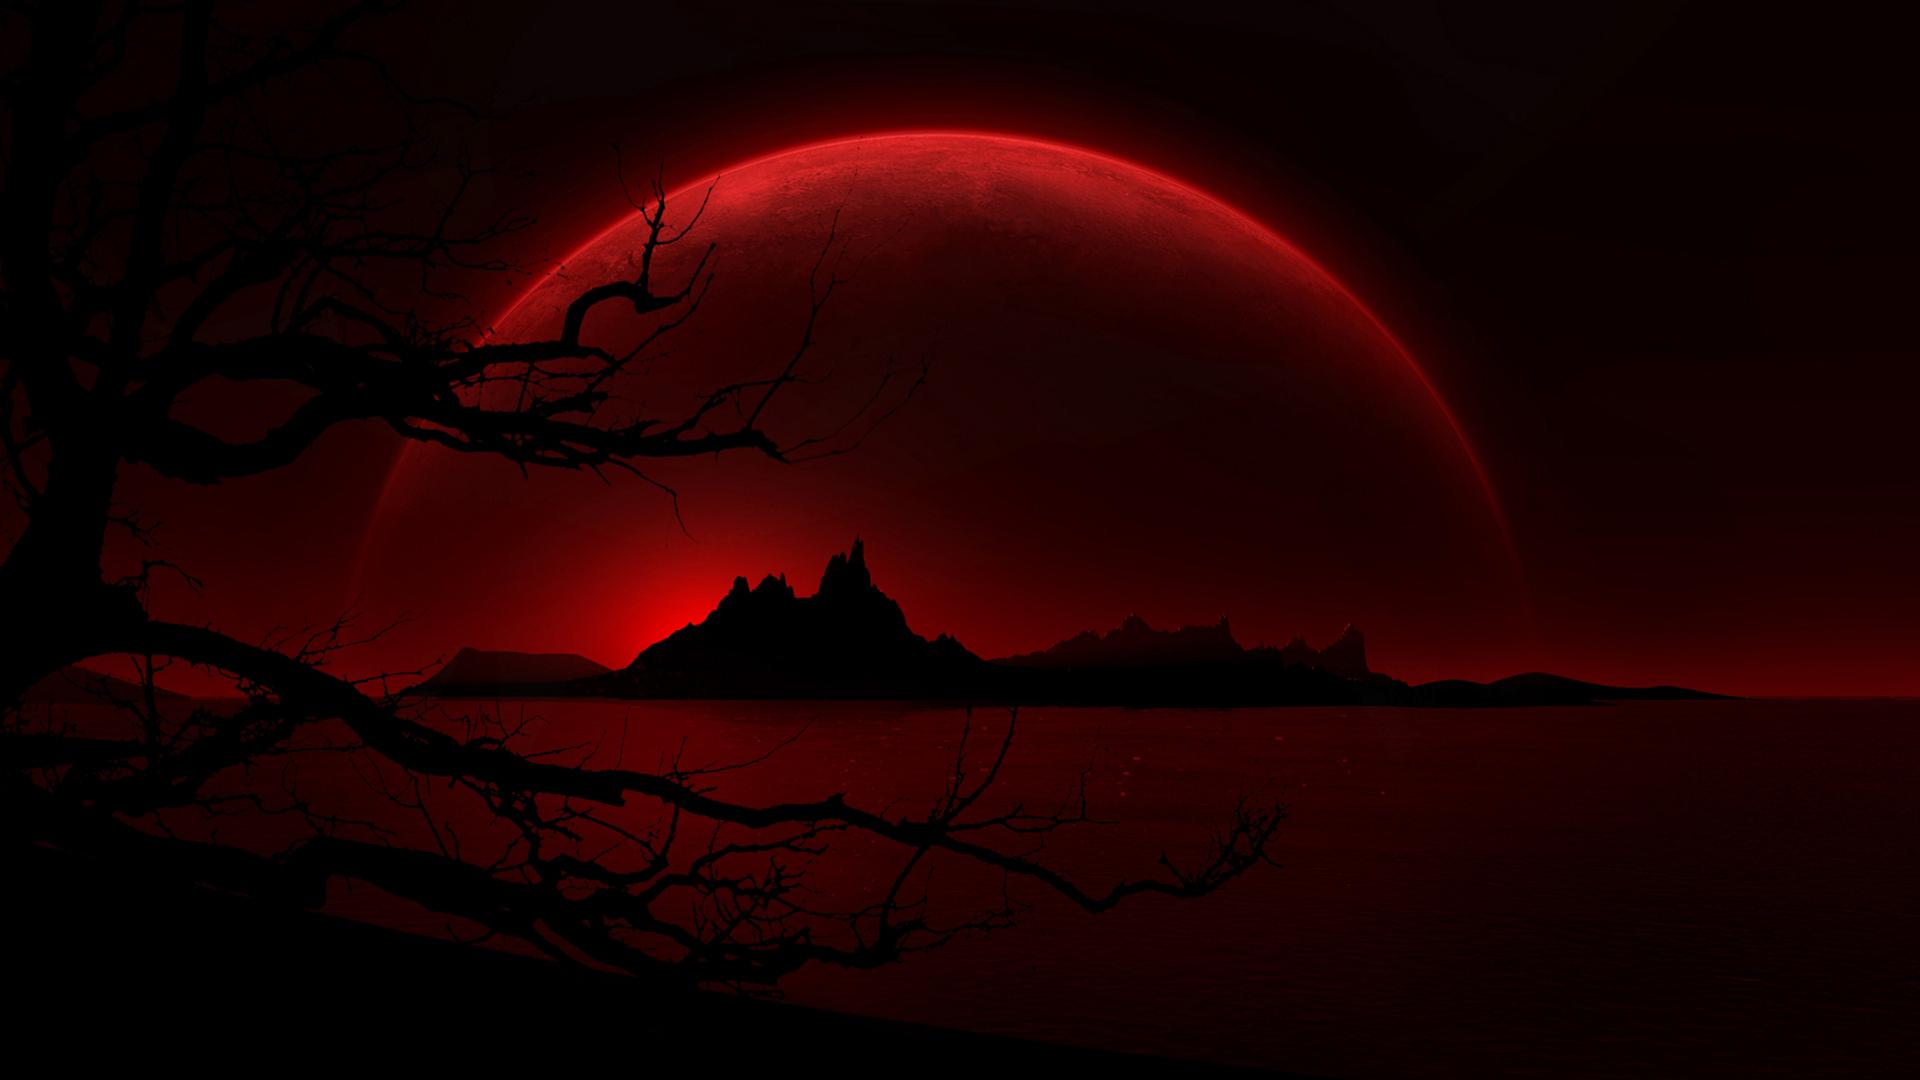 Dal sangue sbagliato – Michela Zanarella ©